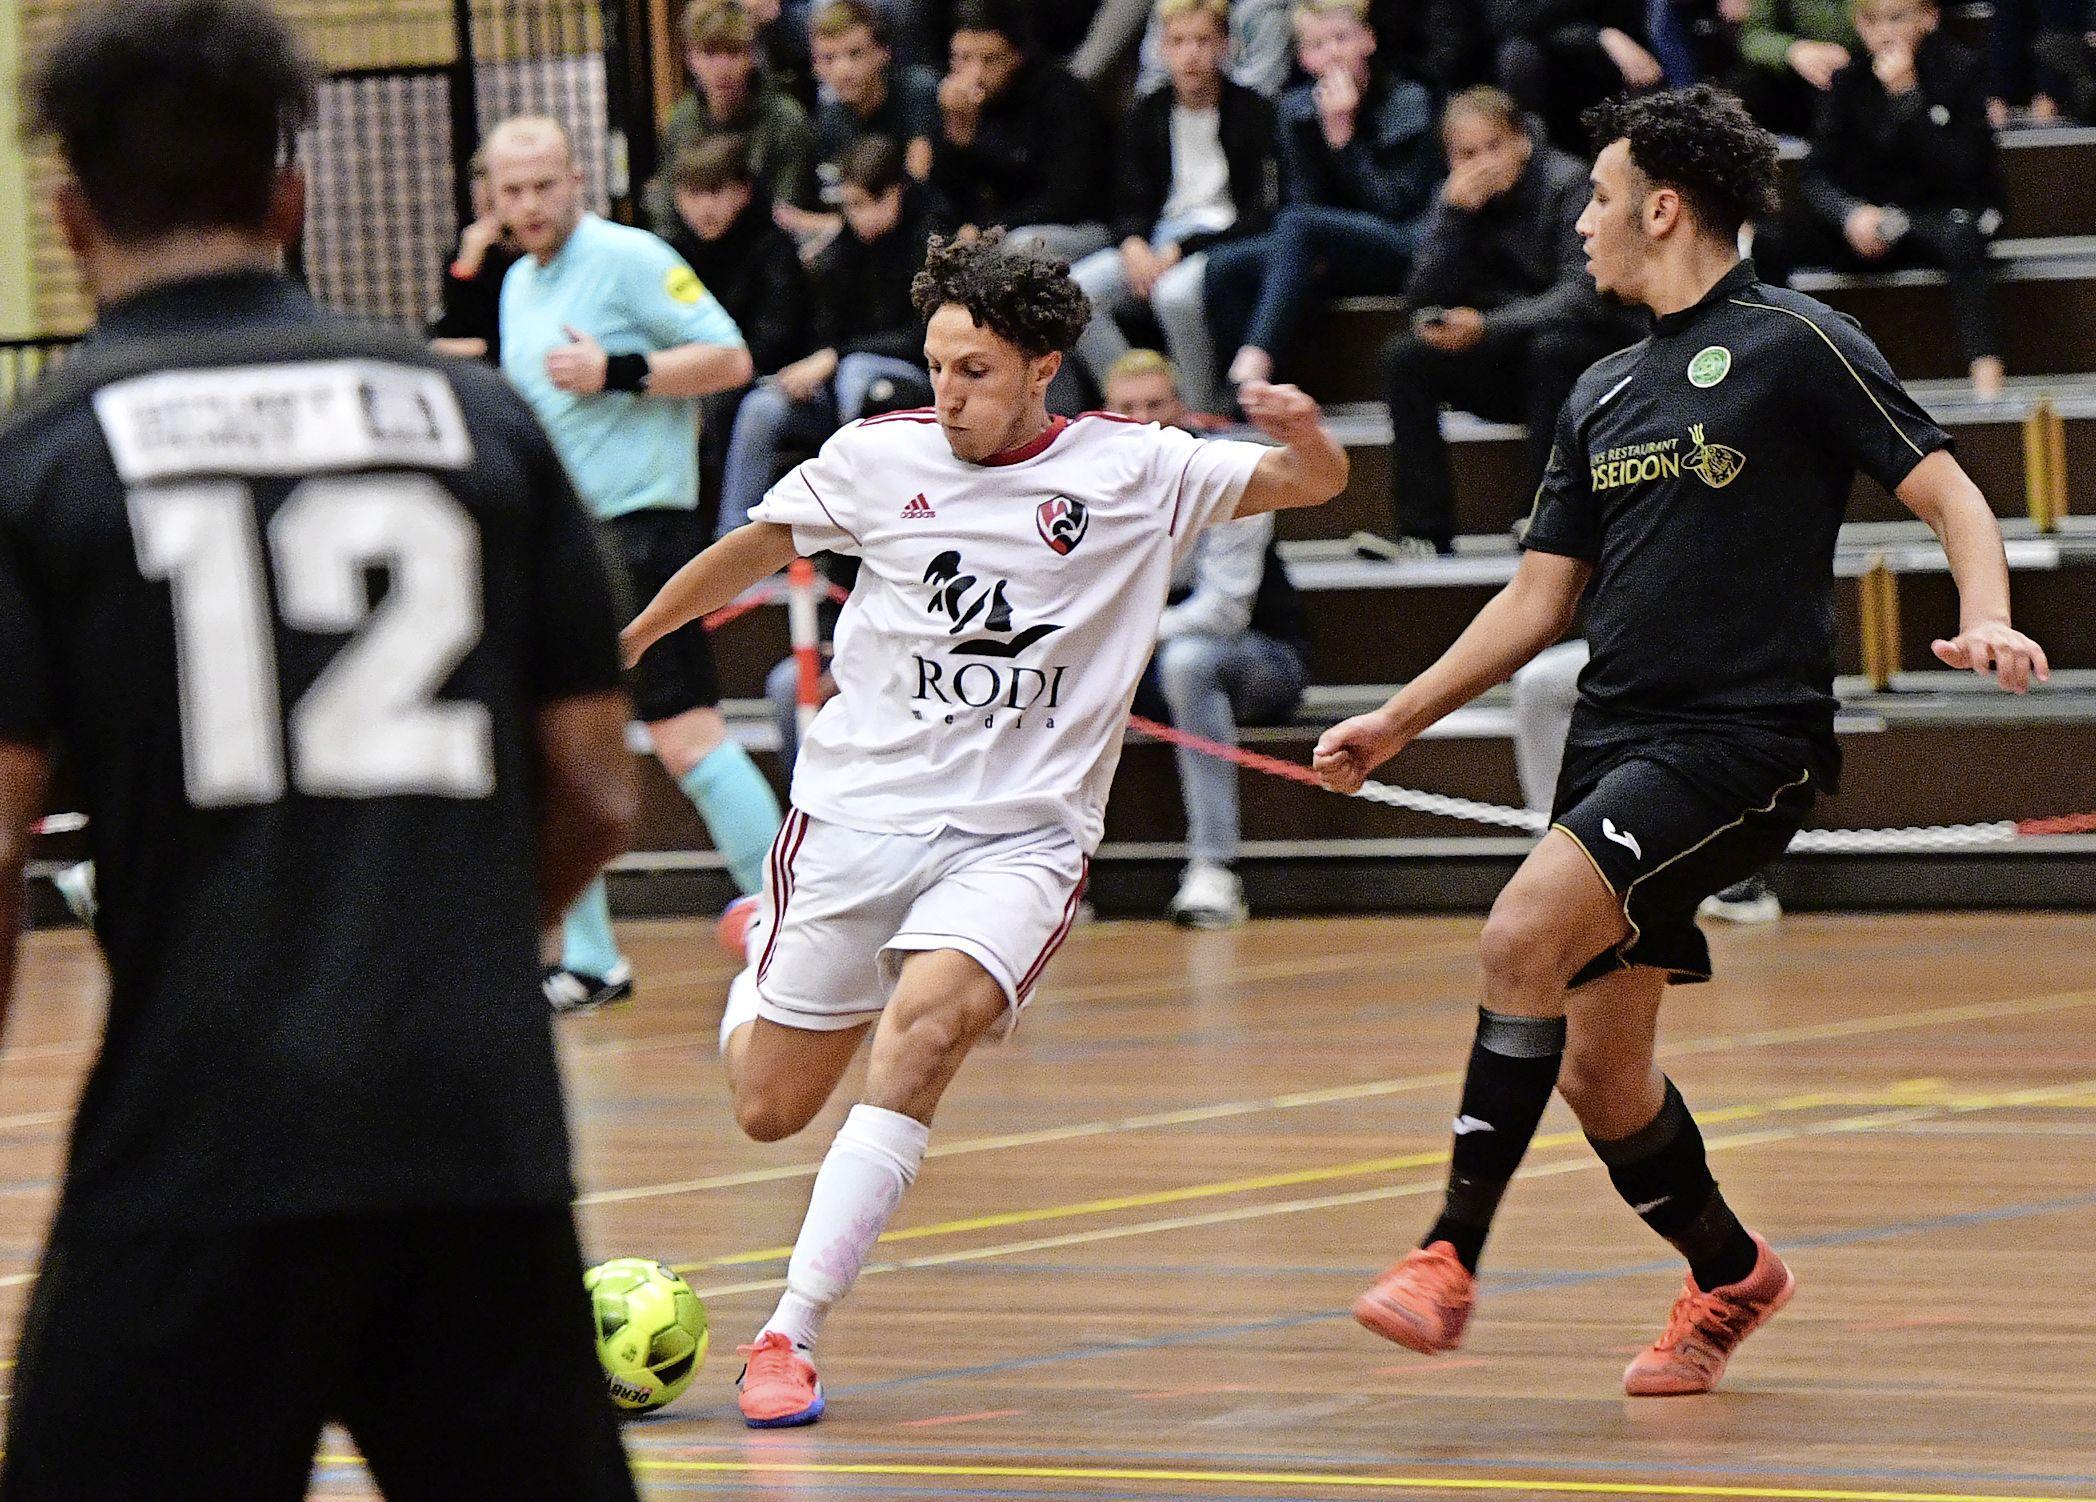 Yassine Zakir van White Stones naar Telstar: 'En dan mag hij niet meer zaalvoetballen'